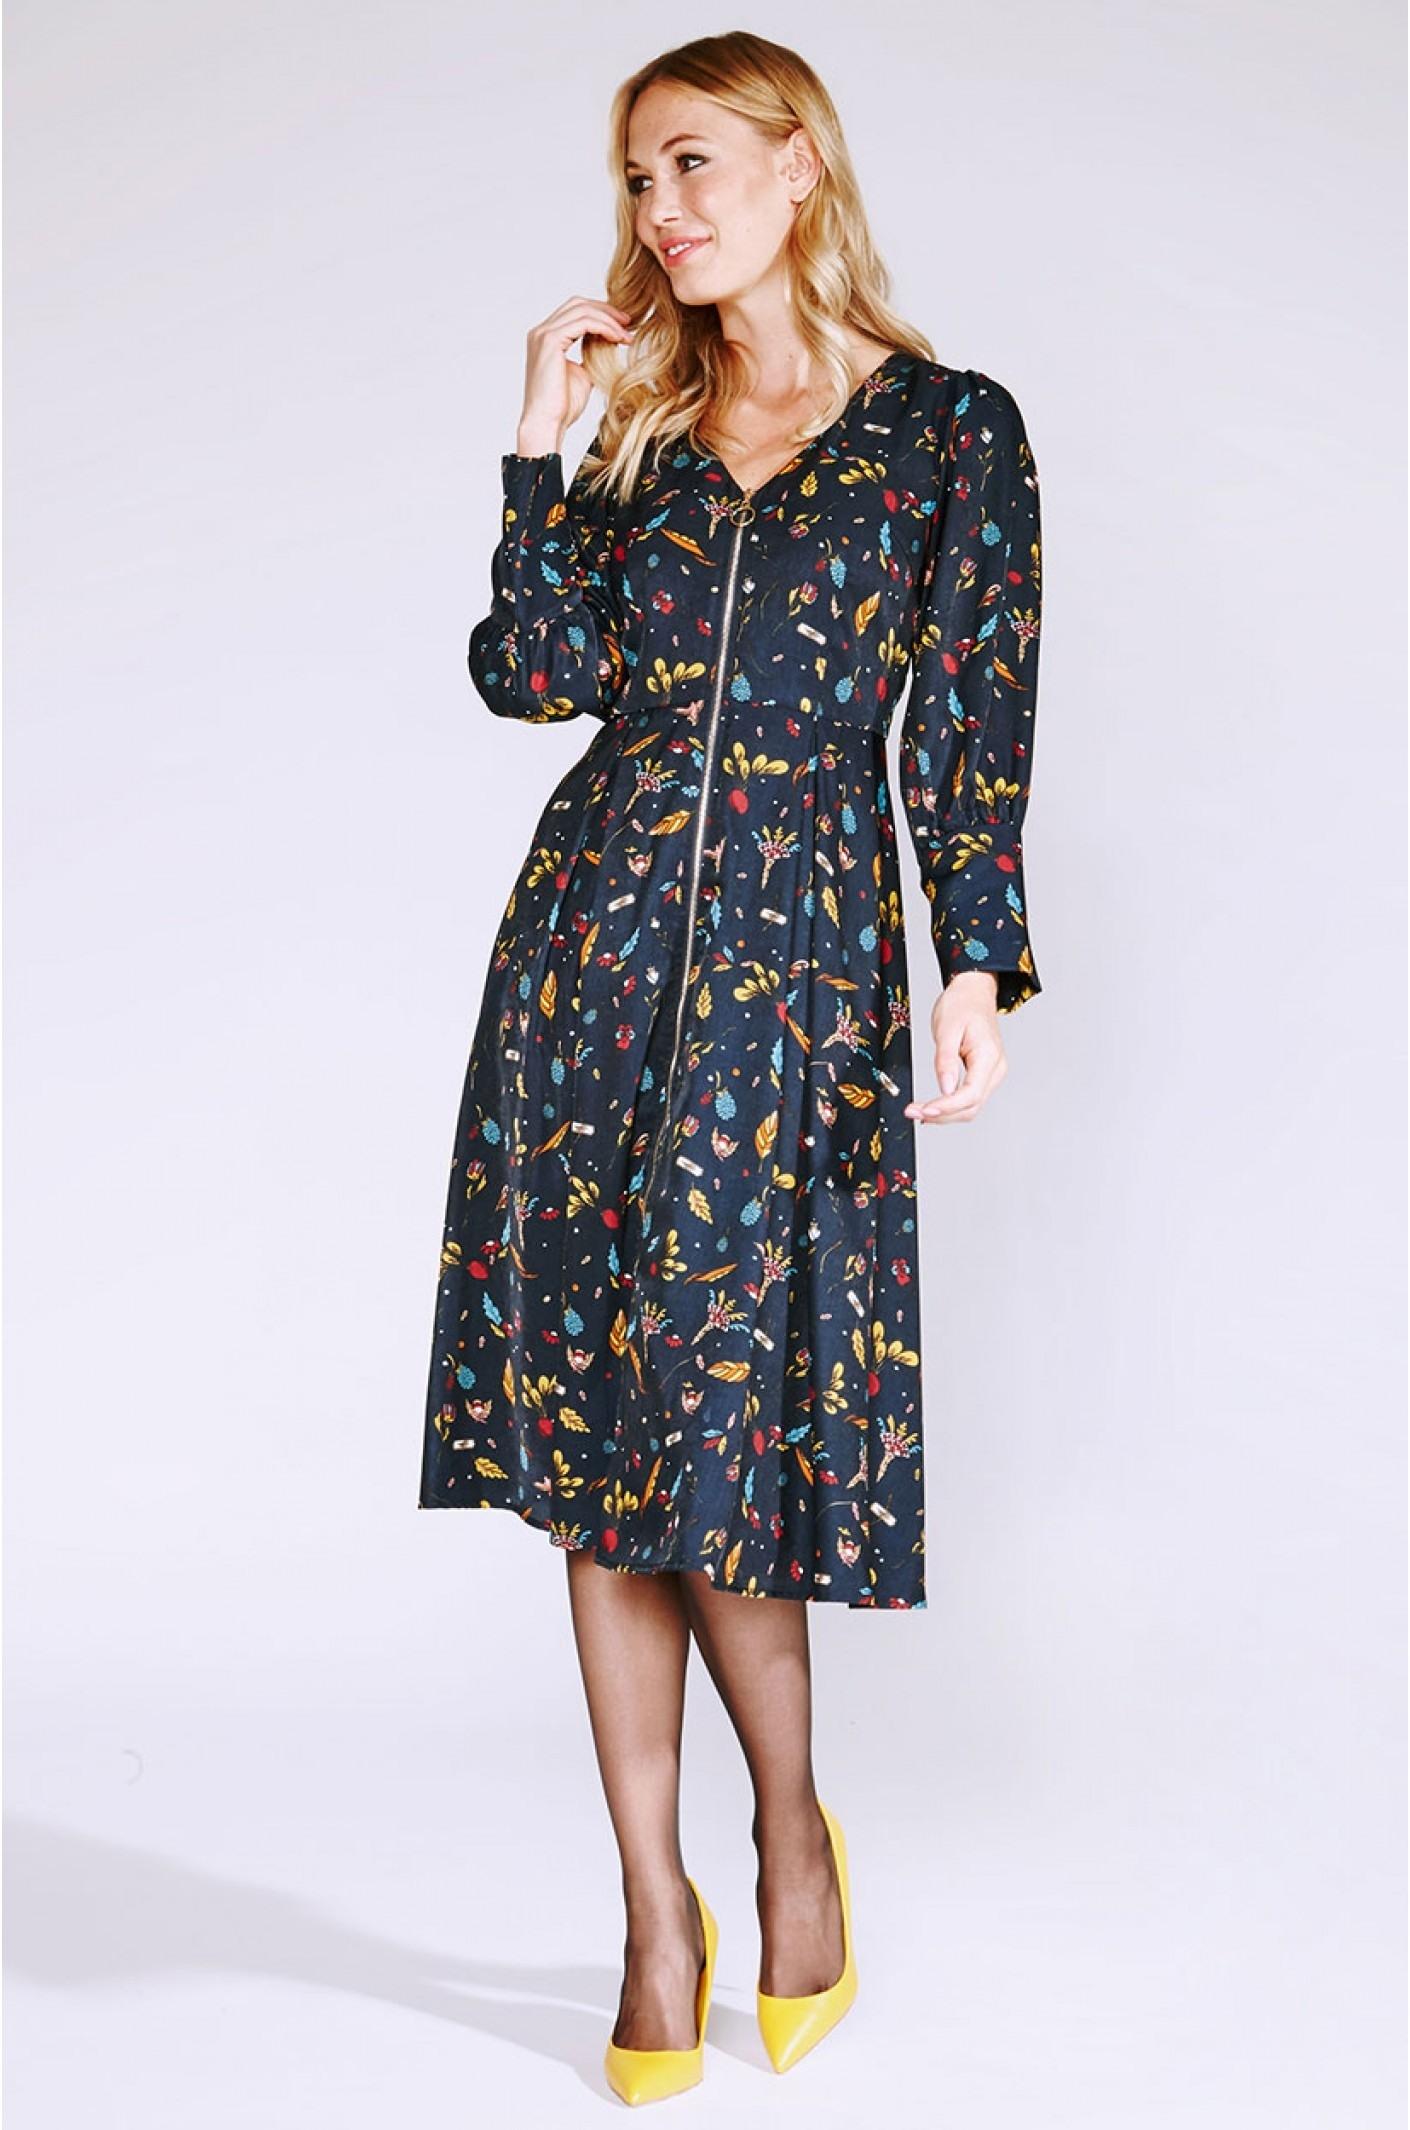 17 Einfach Schickes Herbstkleid Design10 Einzigartig Schickes Herbstkleid für 2019